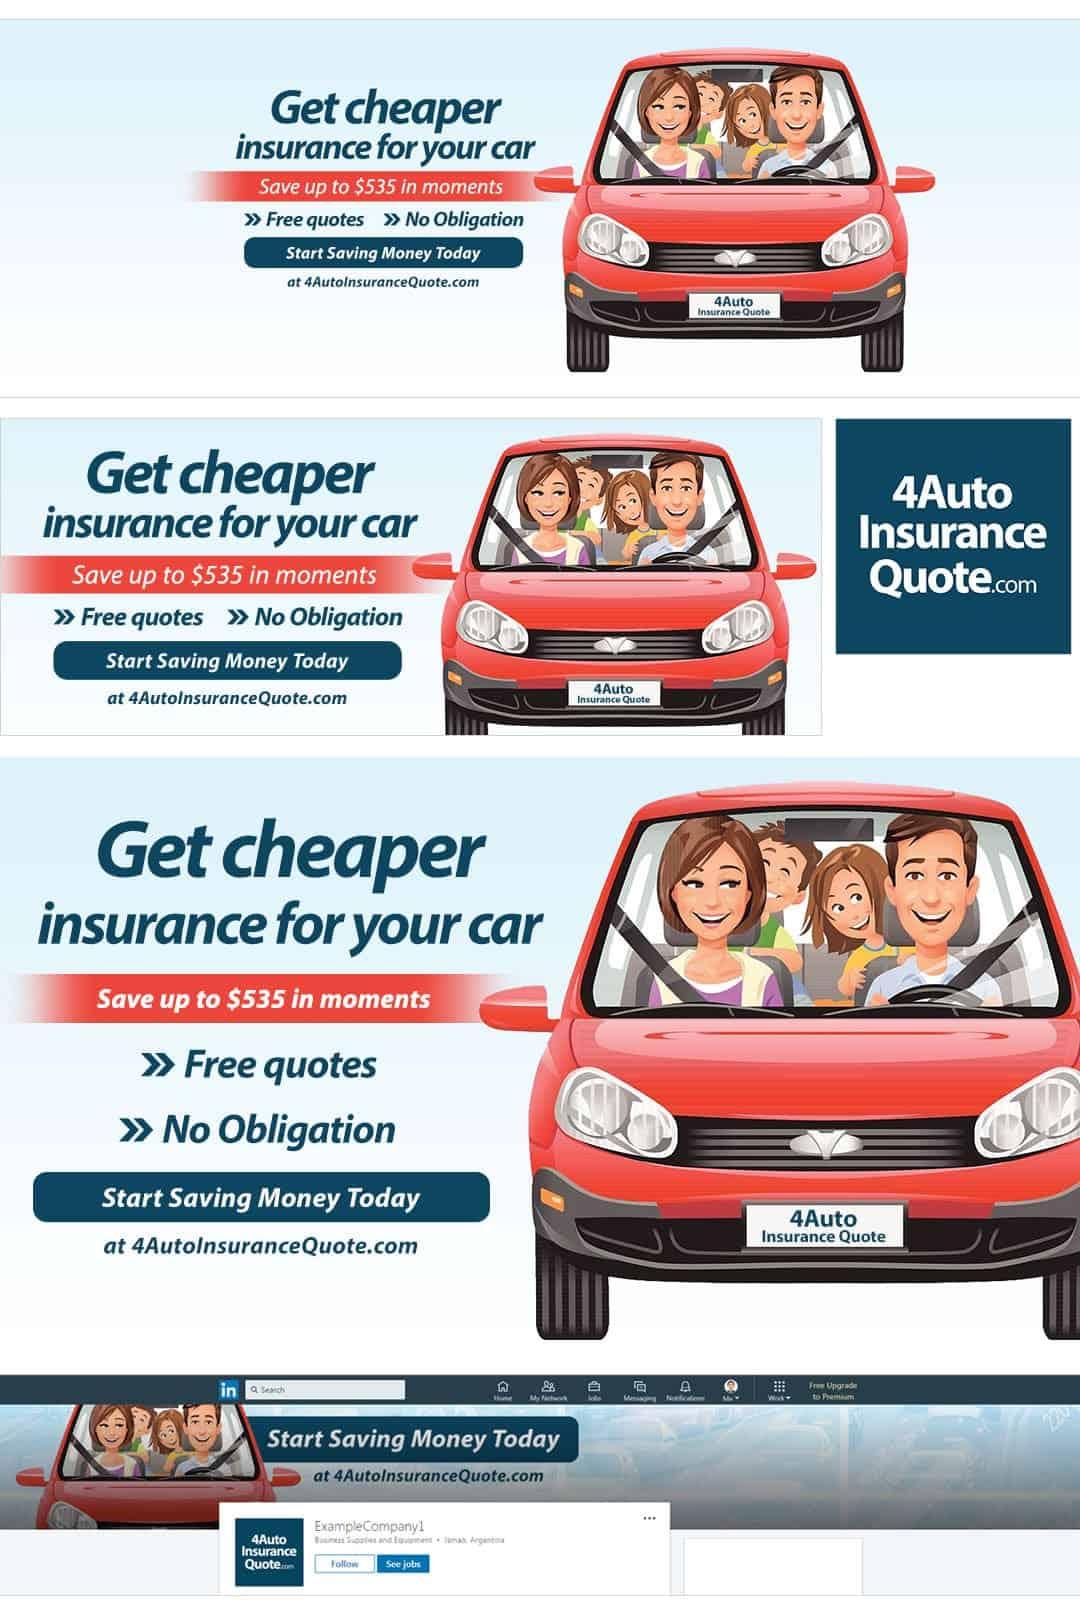 חבילת מדיה חברתית לדוגמא לחברת ביטוח לרכב